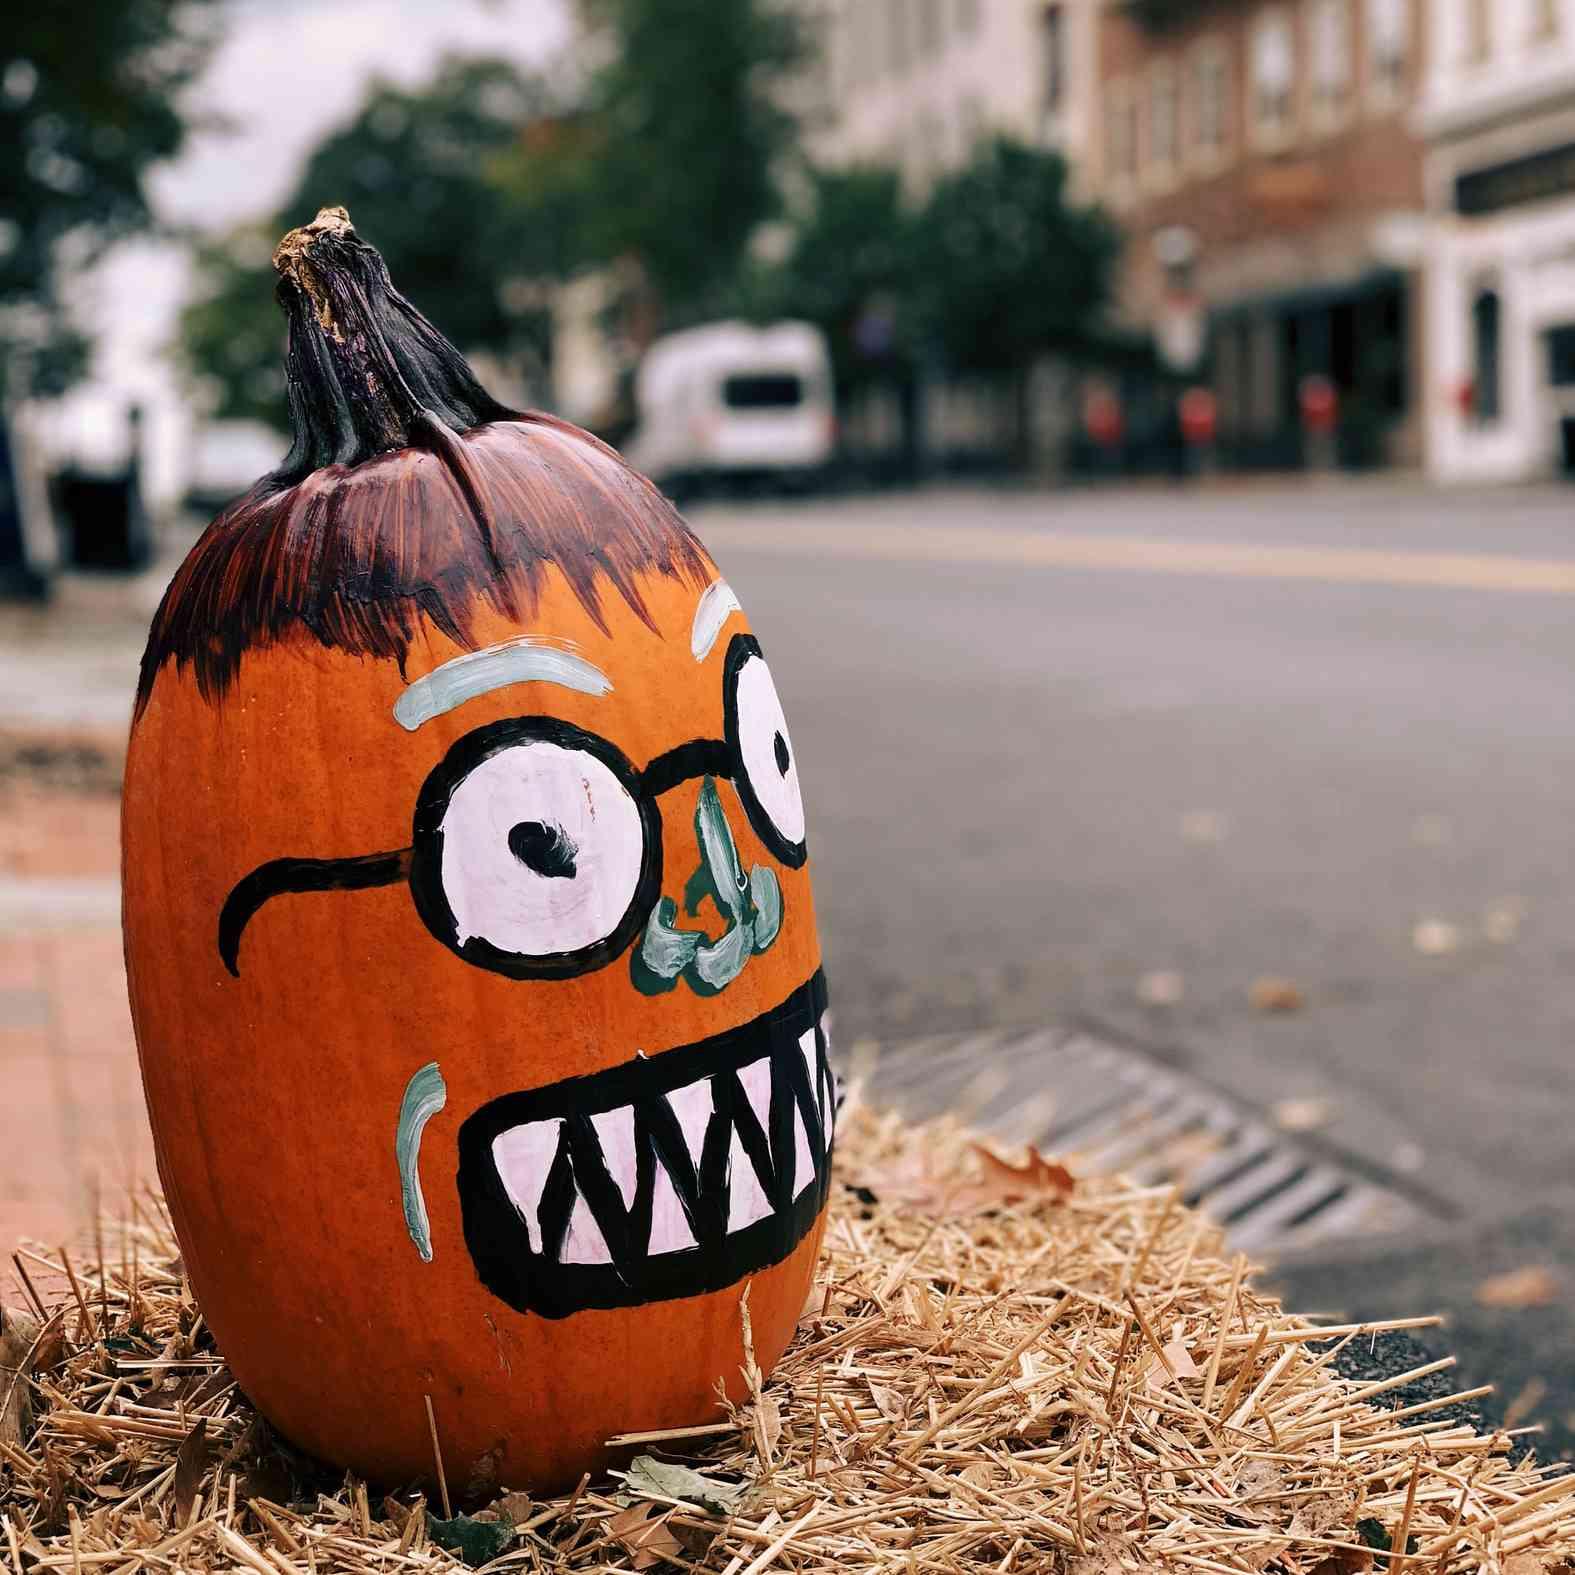 painted pumpkin face